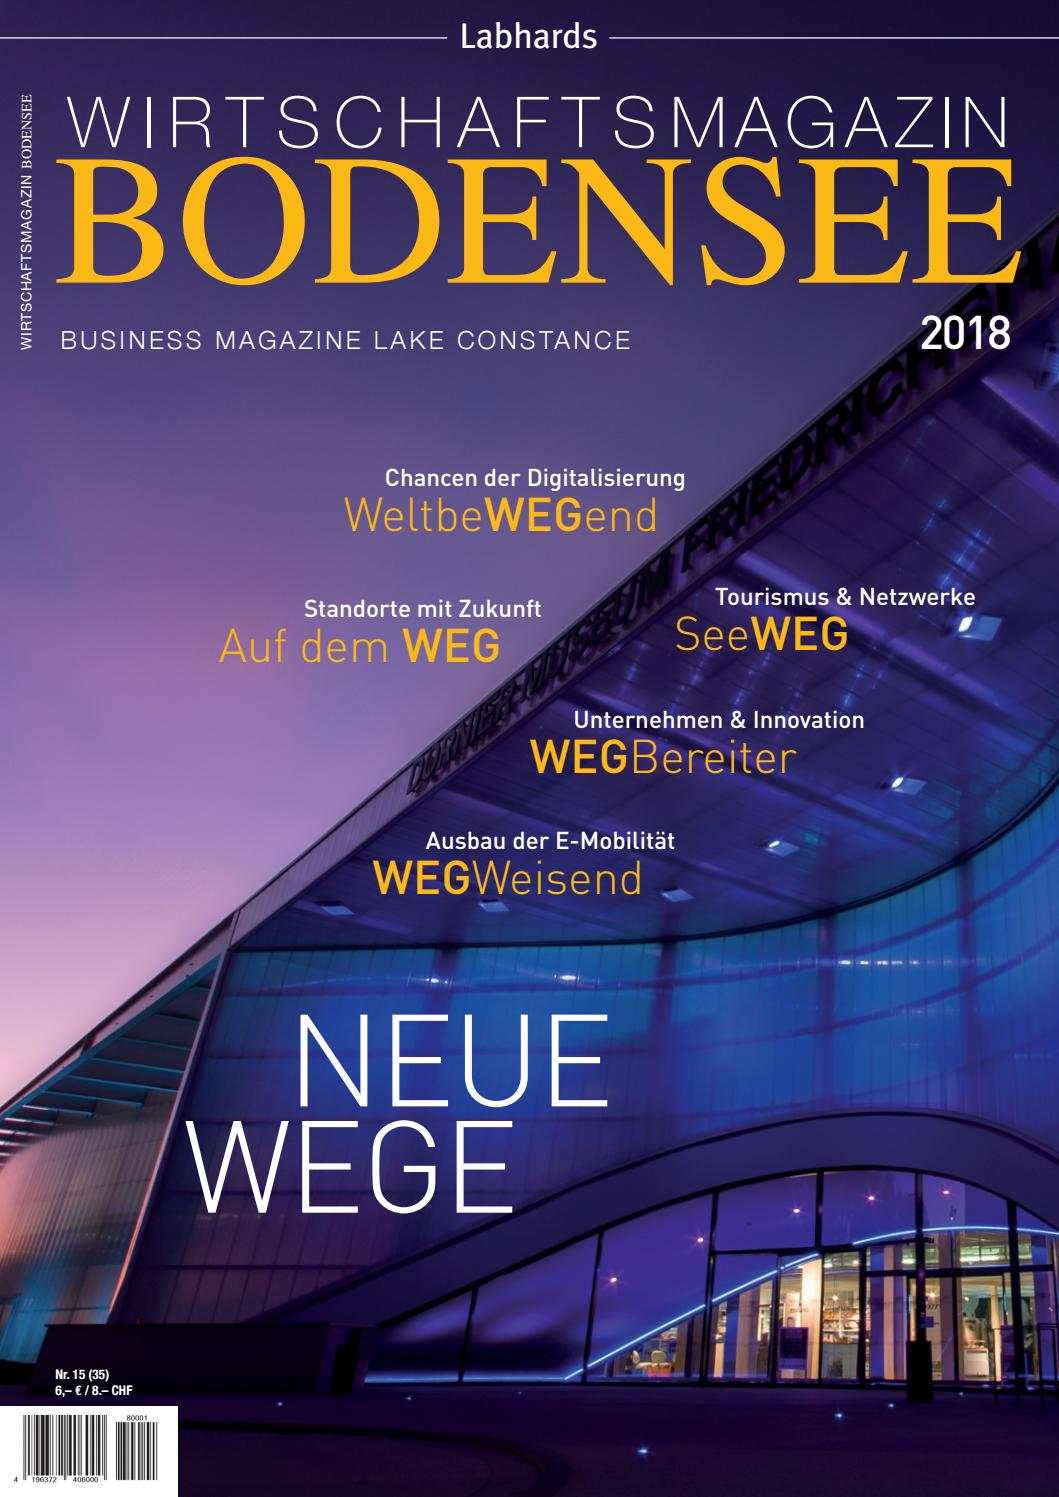 Wirtschaftsmagazin Bodensee 2018 by Labhard Medien - issuu